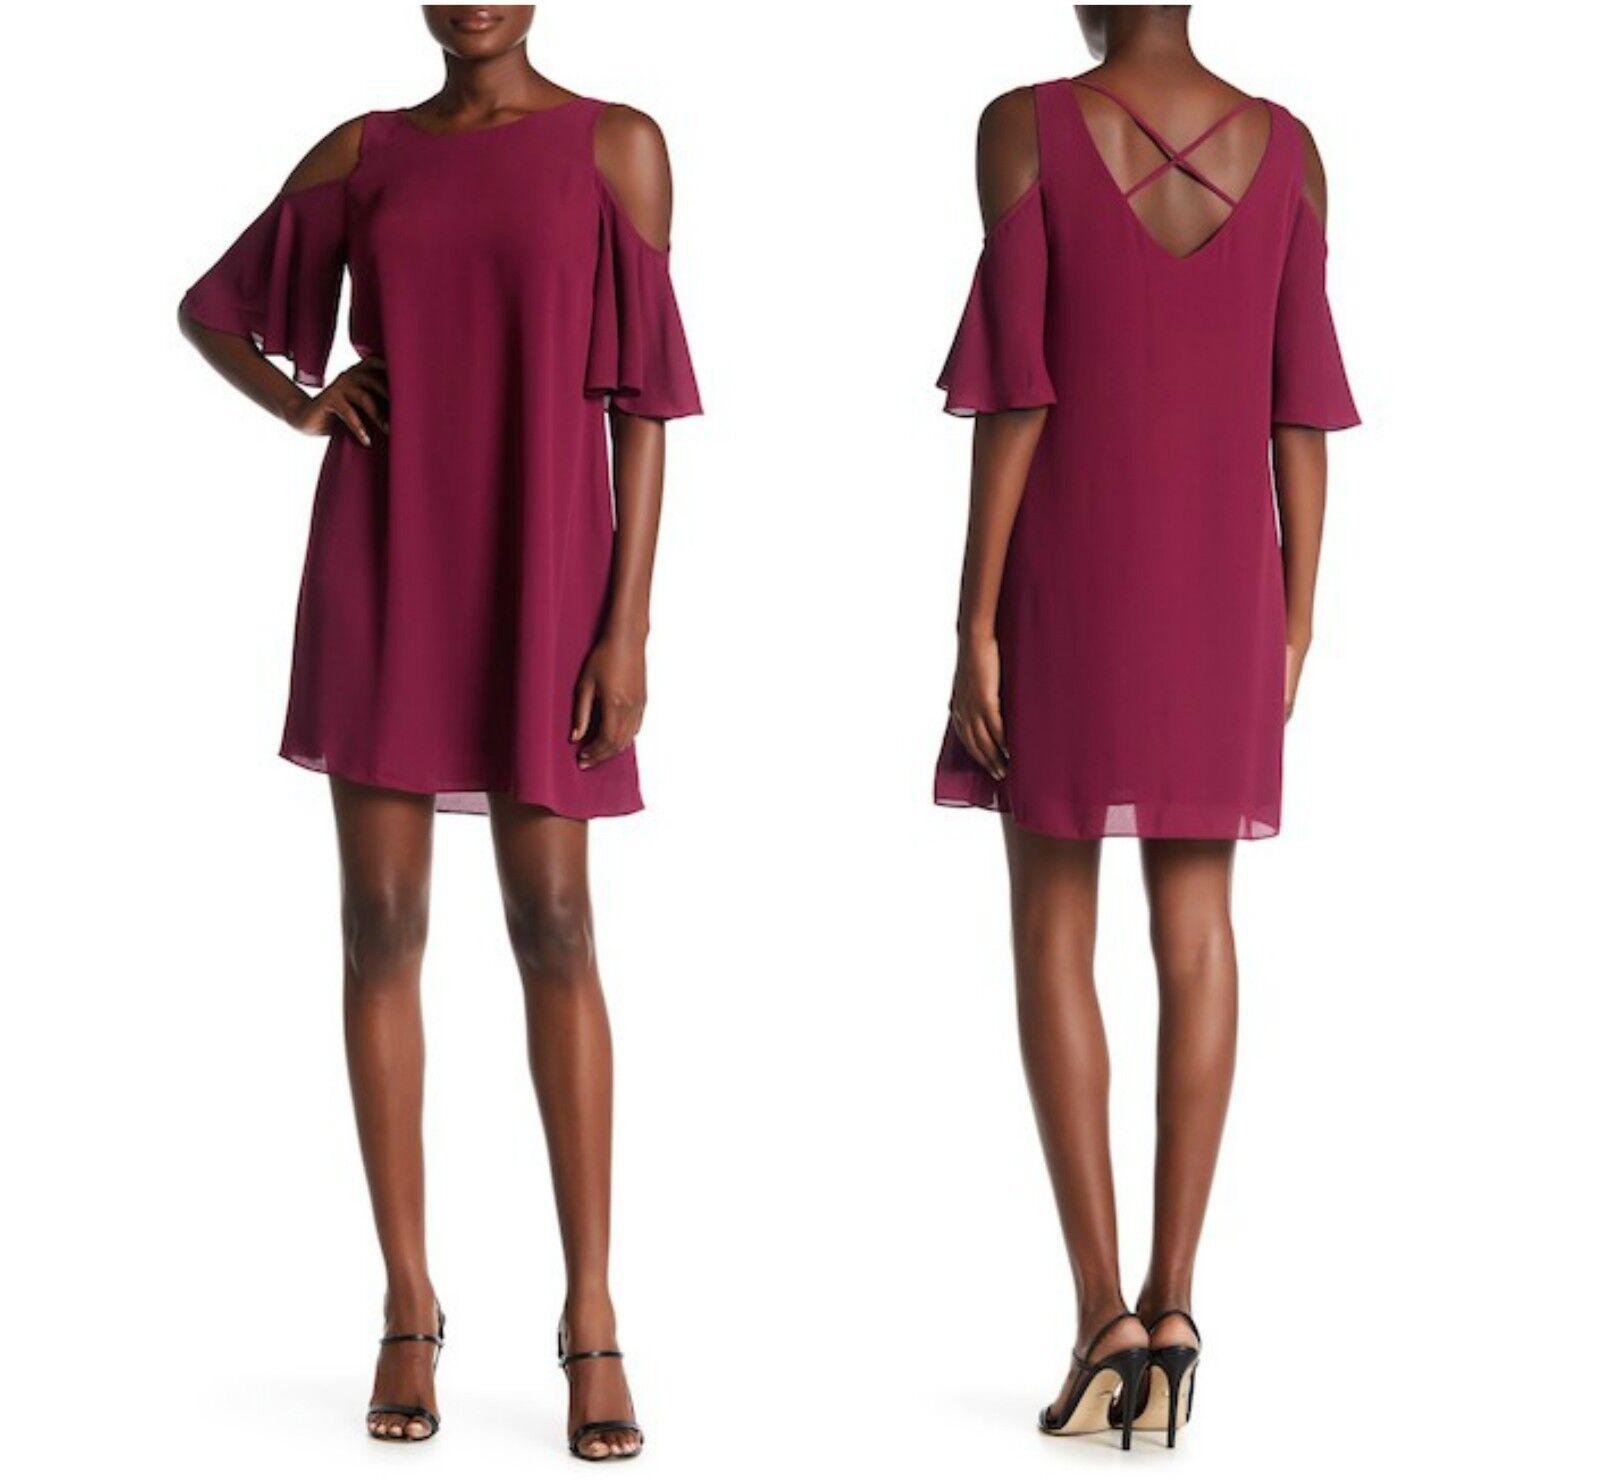 Get Nordstrom Cold Shoulder Dress  Images